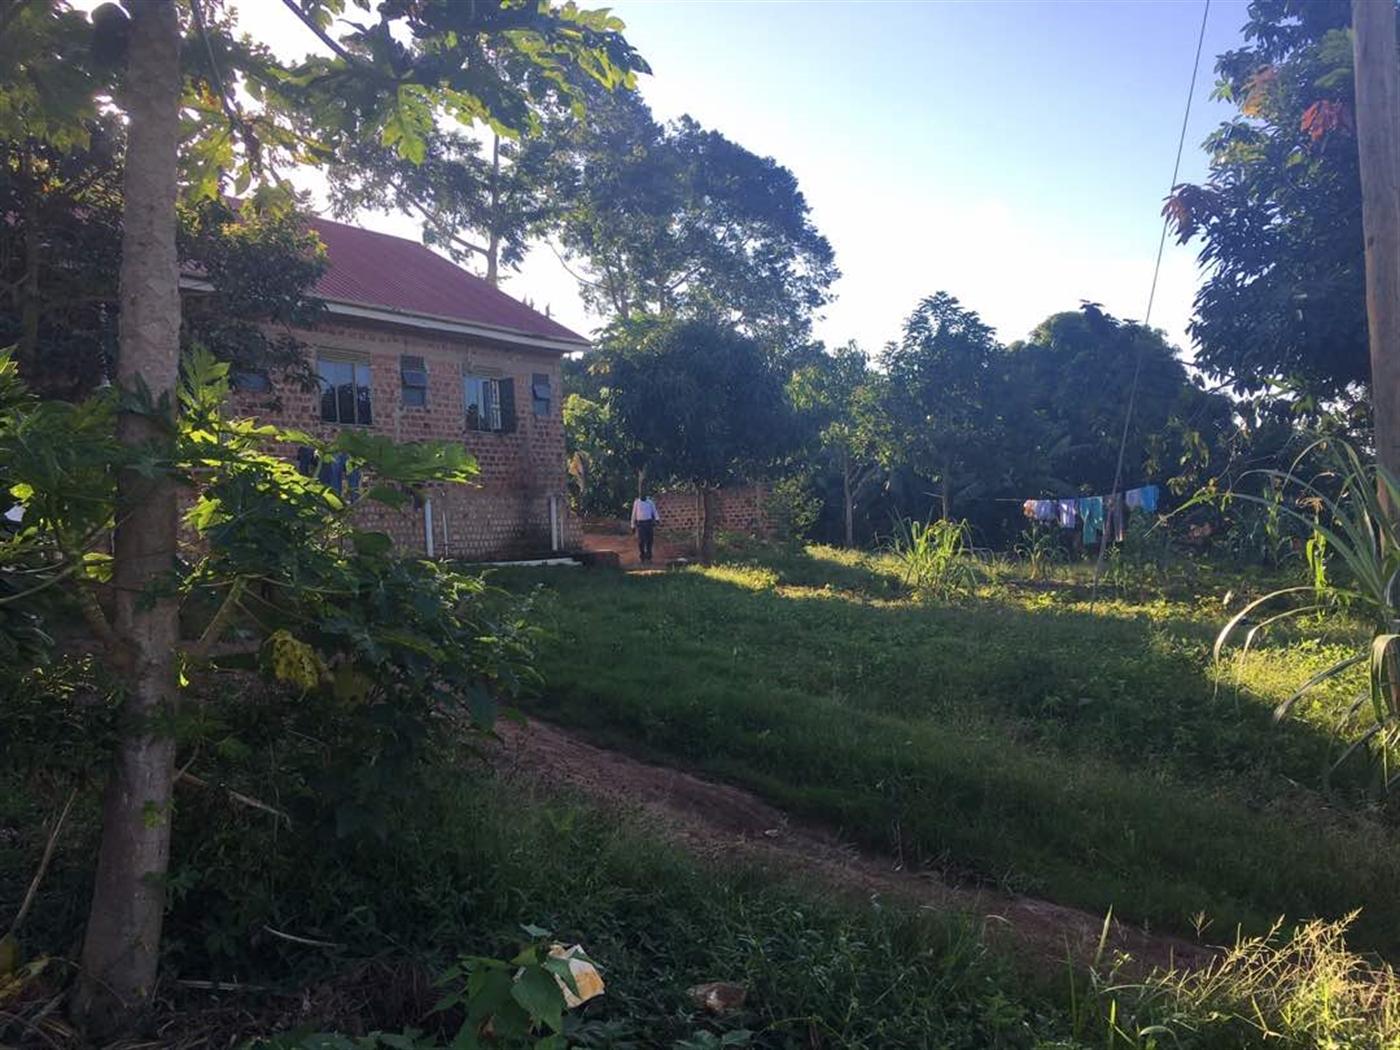 Hostel for sale in Mukono Mukono